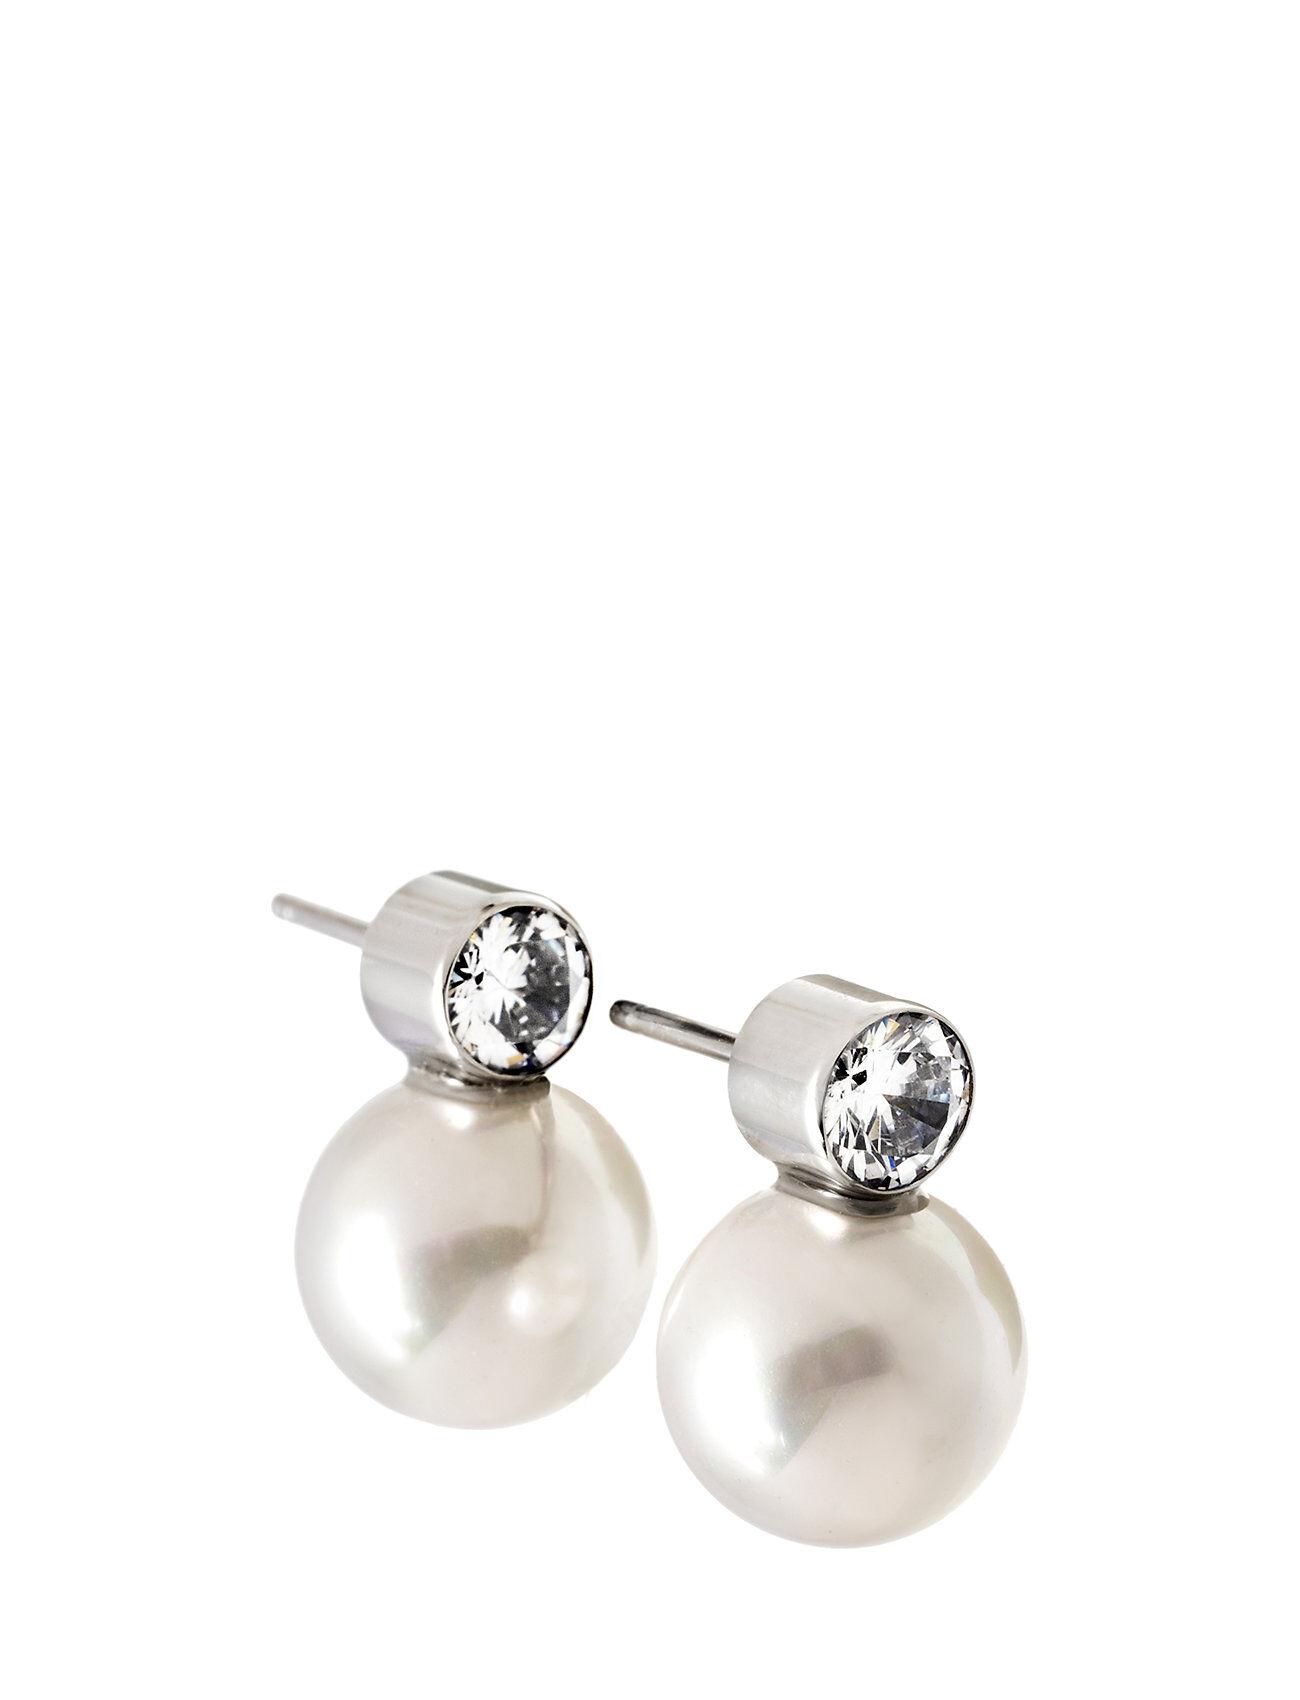 Edblad Luna Studs Large Steel Accessories Jewellery Earrings Studs Hopea Edblad